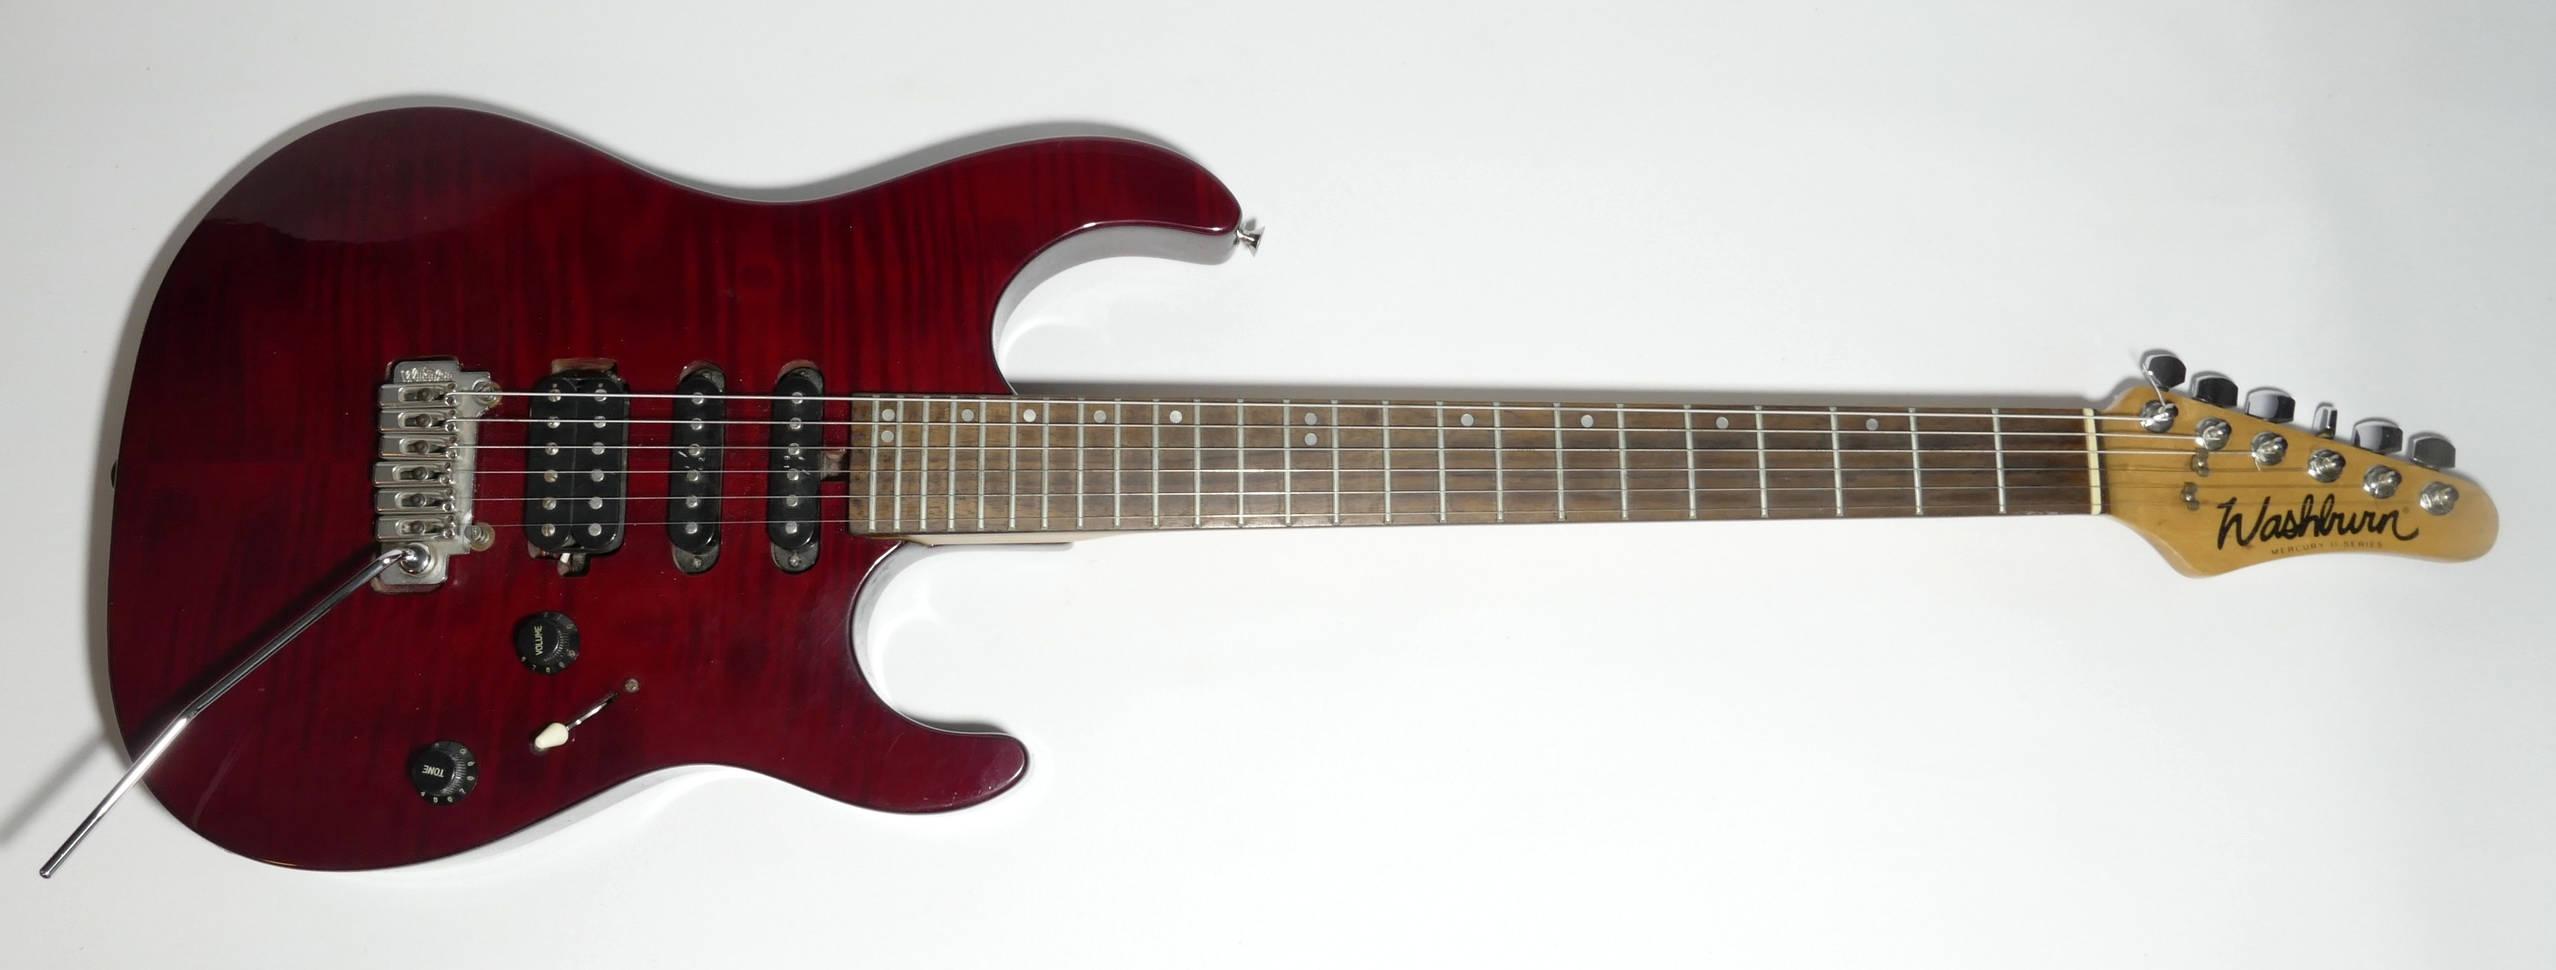 E-Gitarre WASHBURN Mercury II MG-701